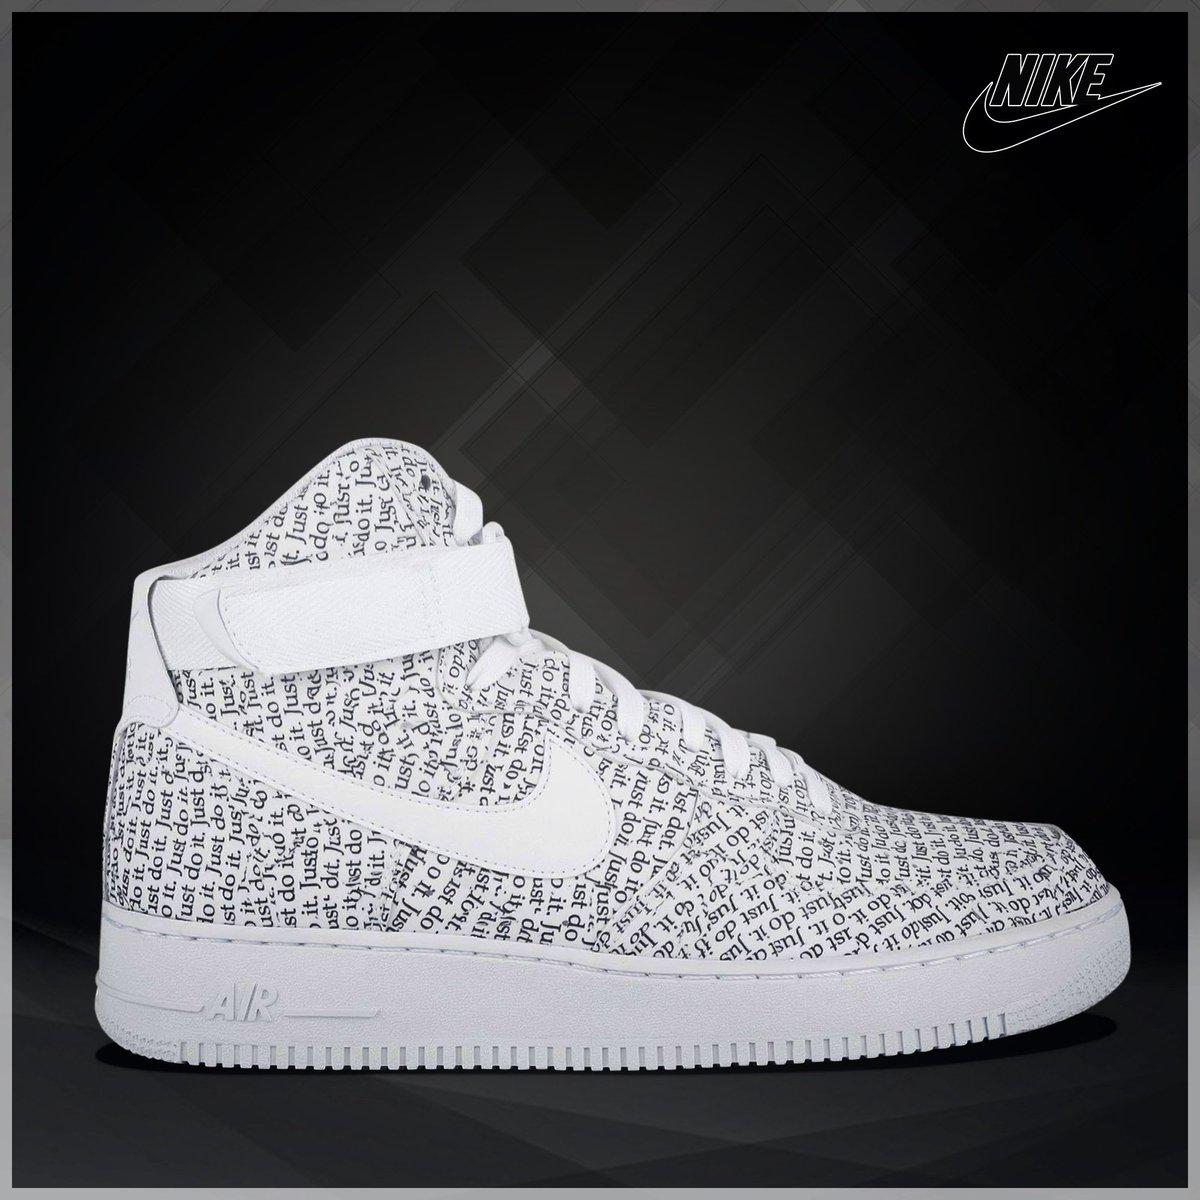 829dfccced66e GB'S Sneaker Shop on Twitter: